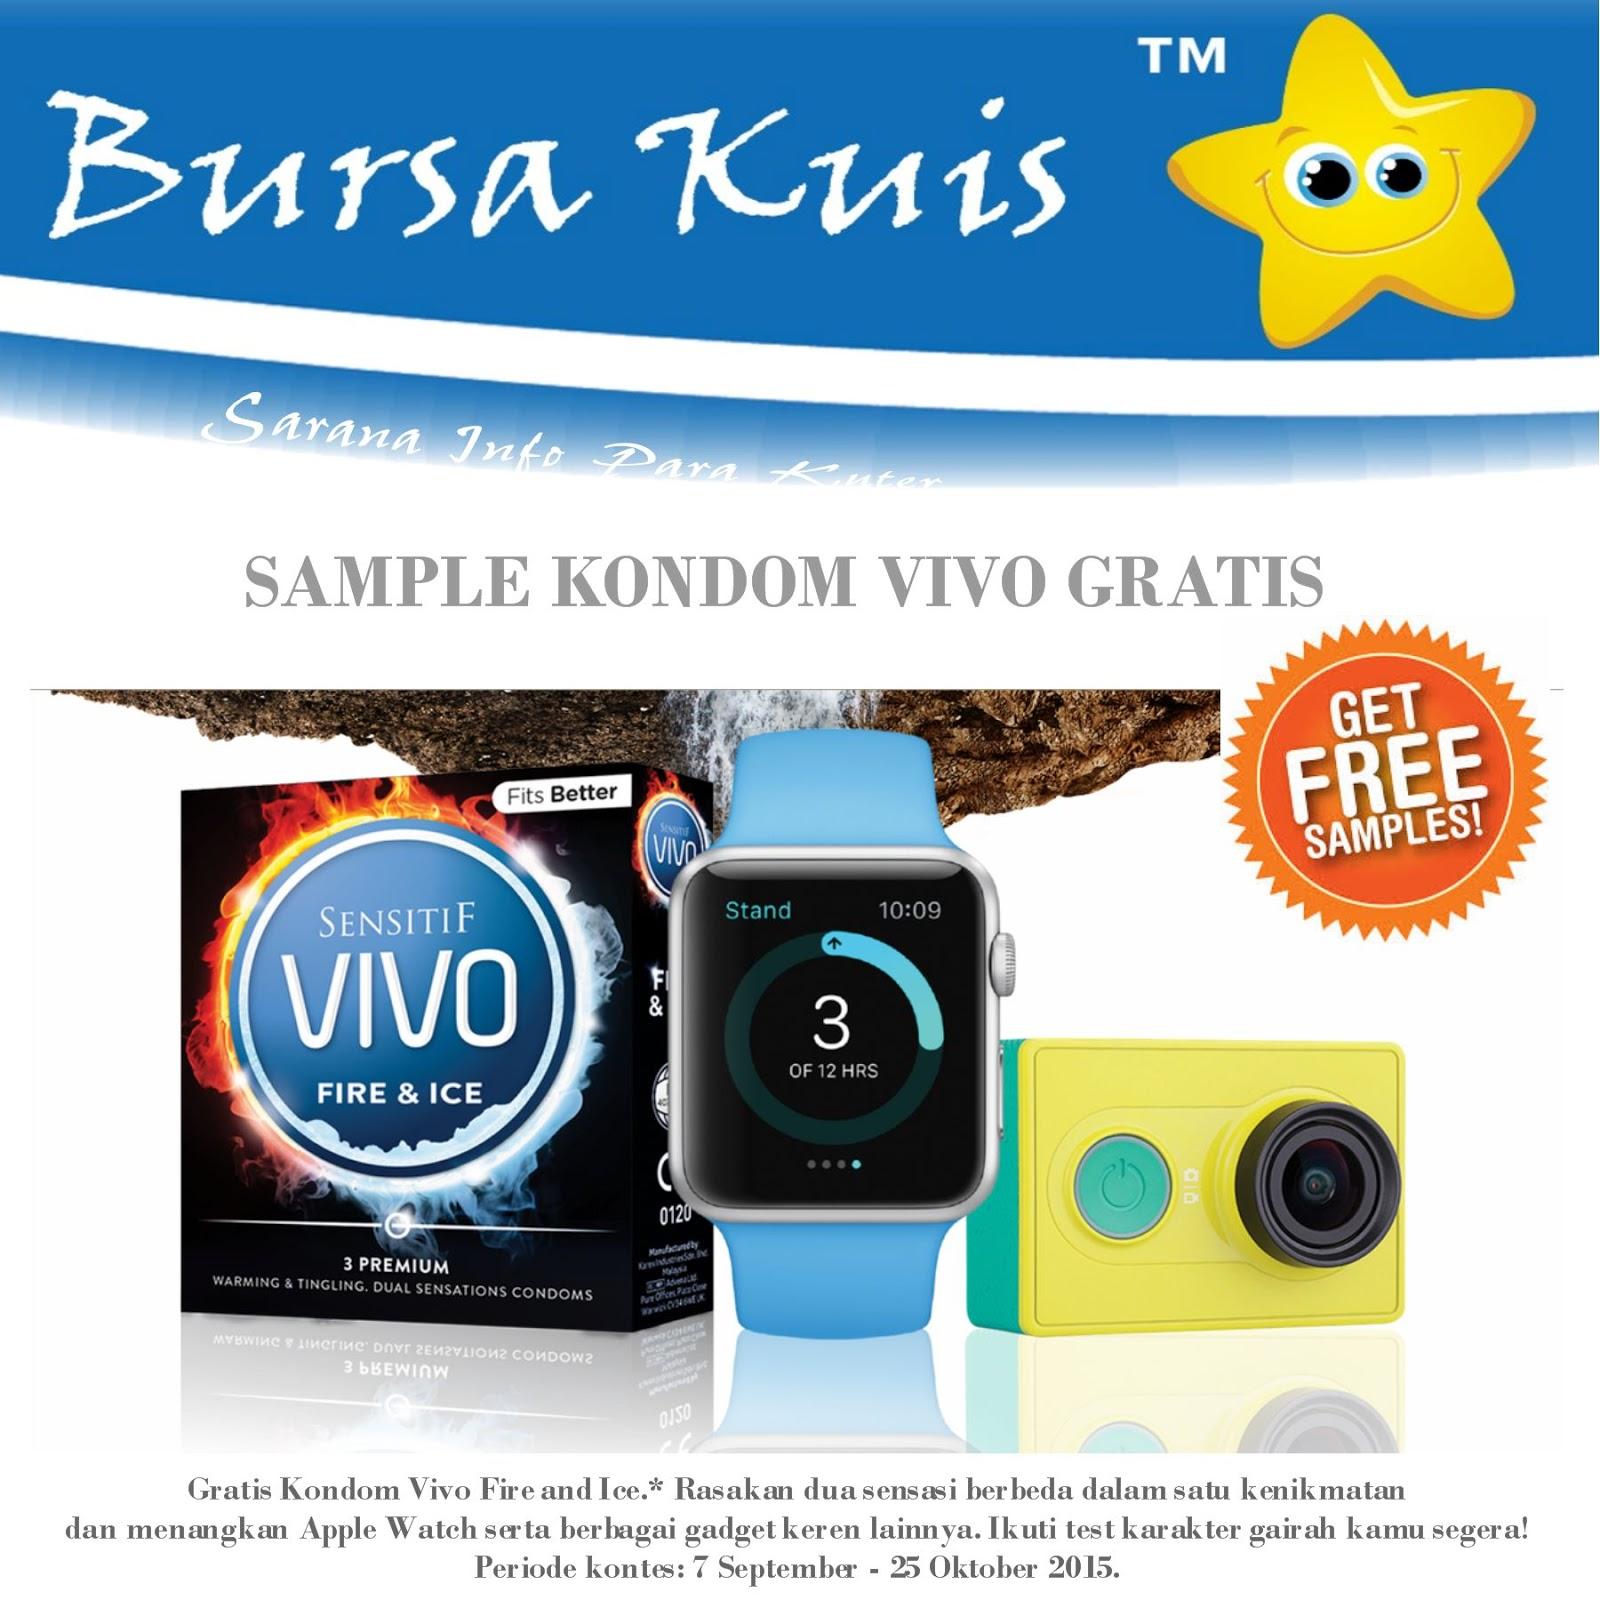 Sample Kondom Vivo Gratis Dan Berhadiah - BURSA KUIS ONLINE